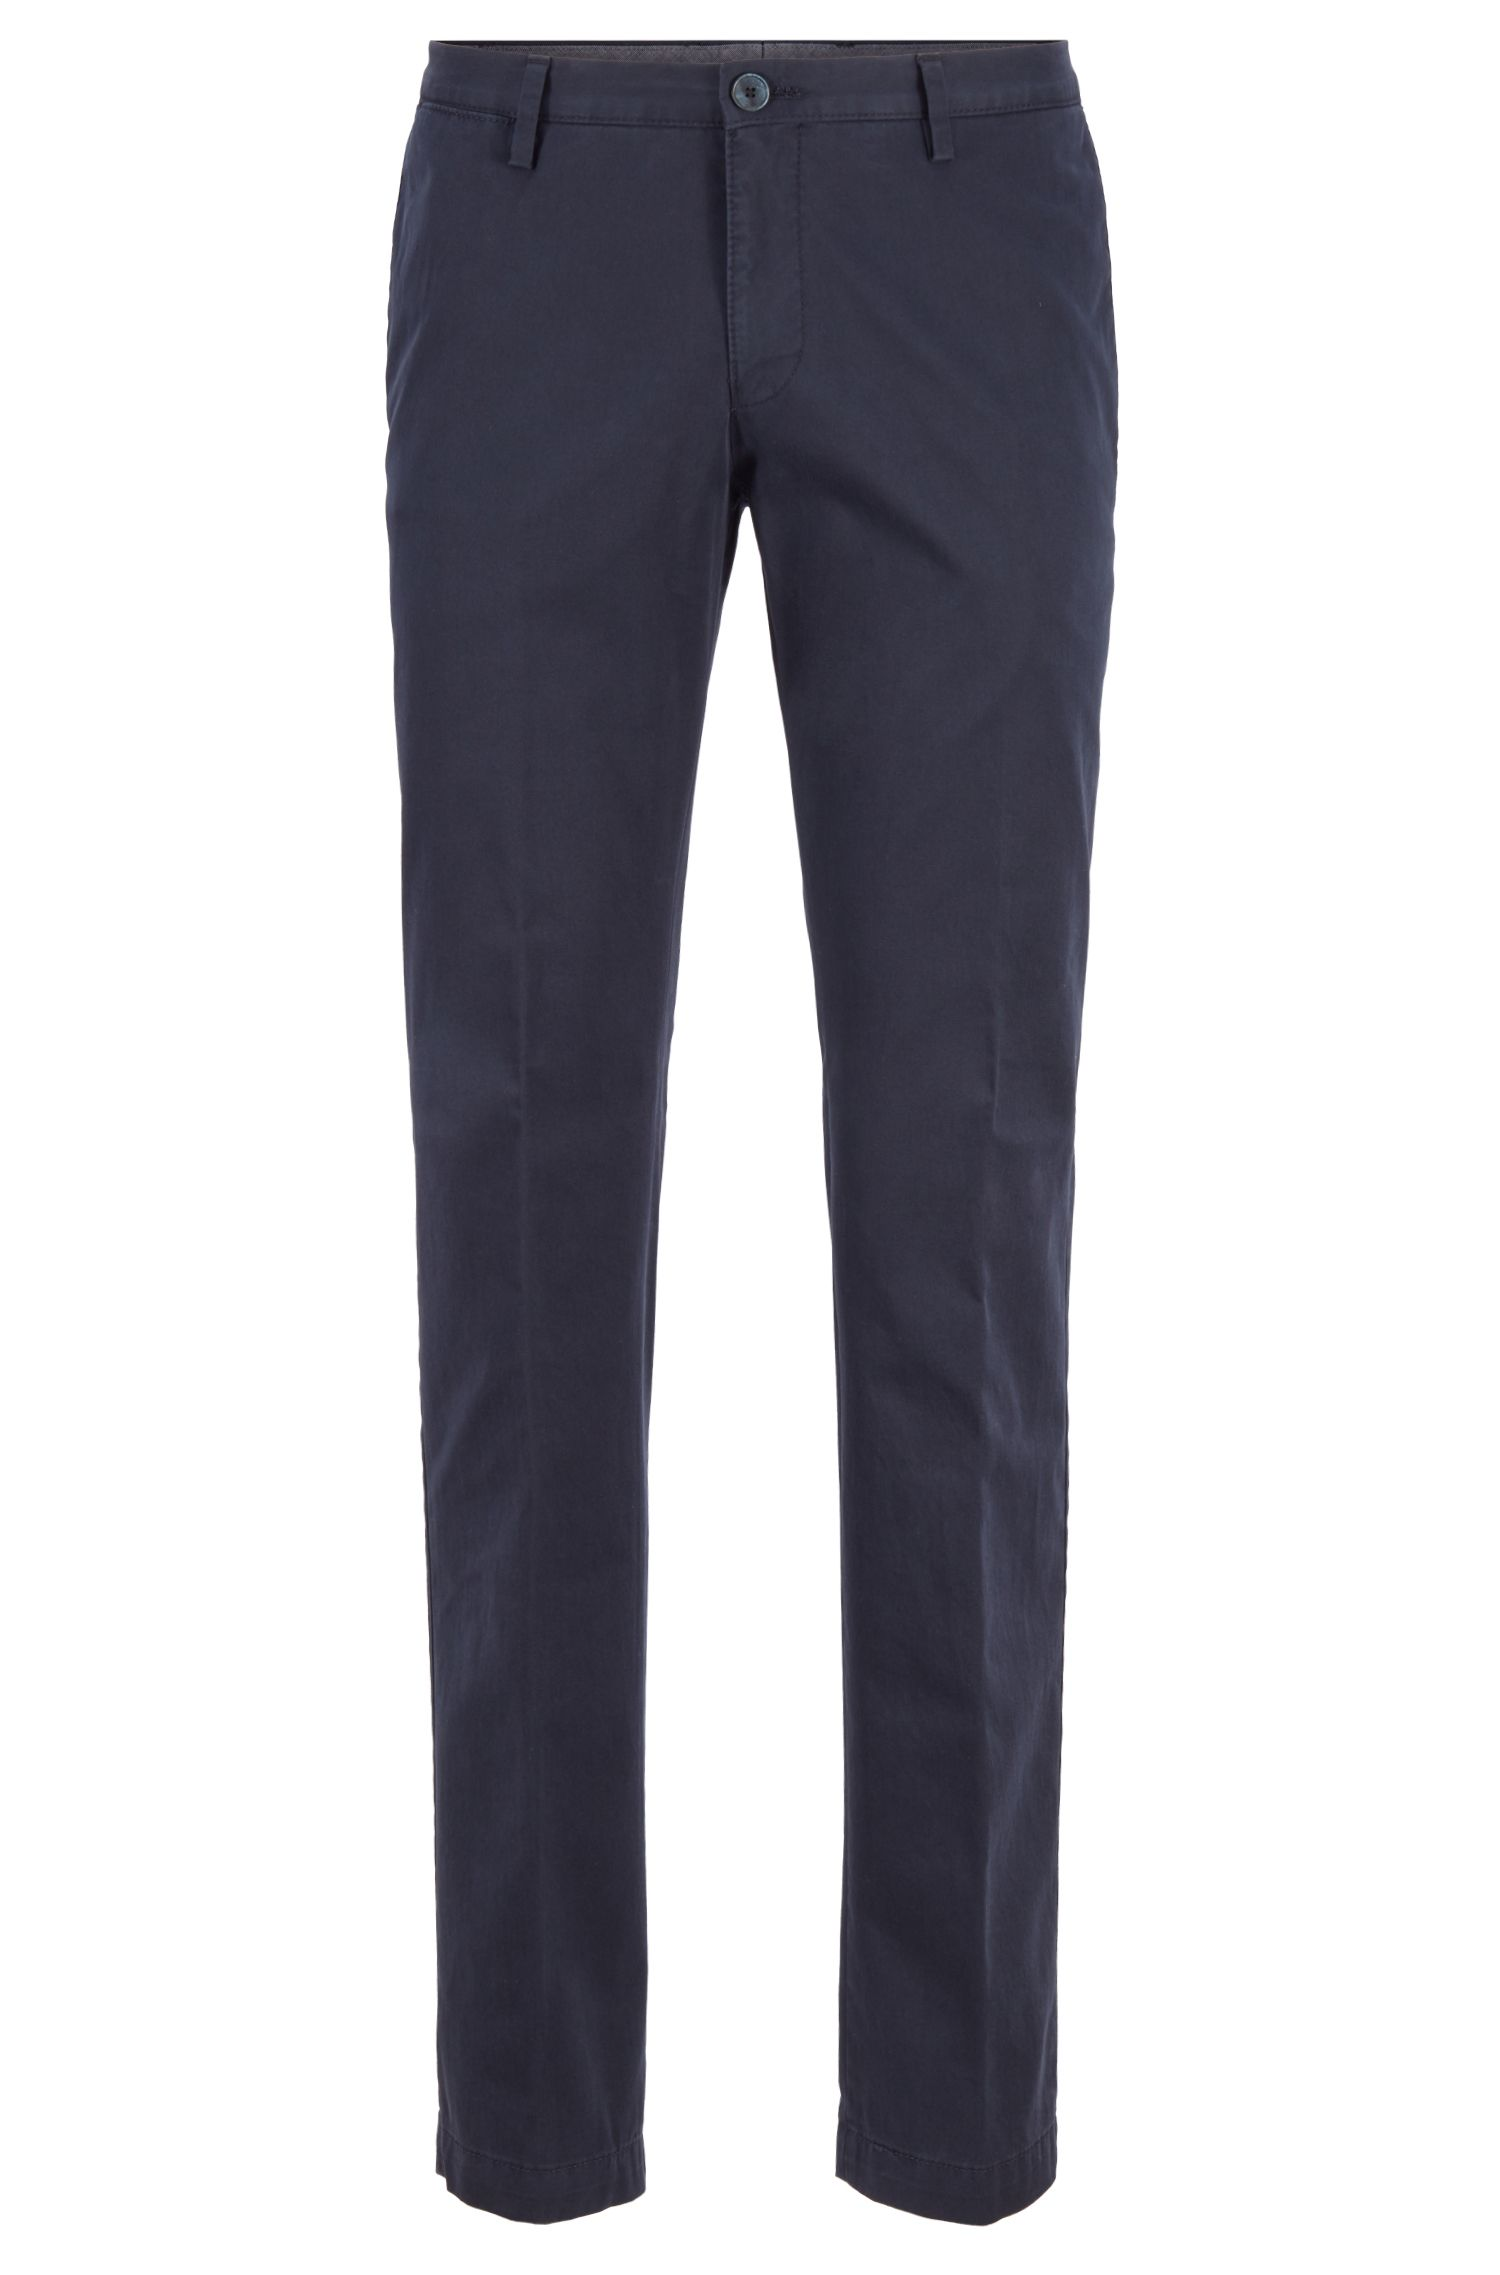 Pantalones slim fit de algodón elástico teñido en prenda, Azul oscuro